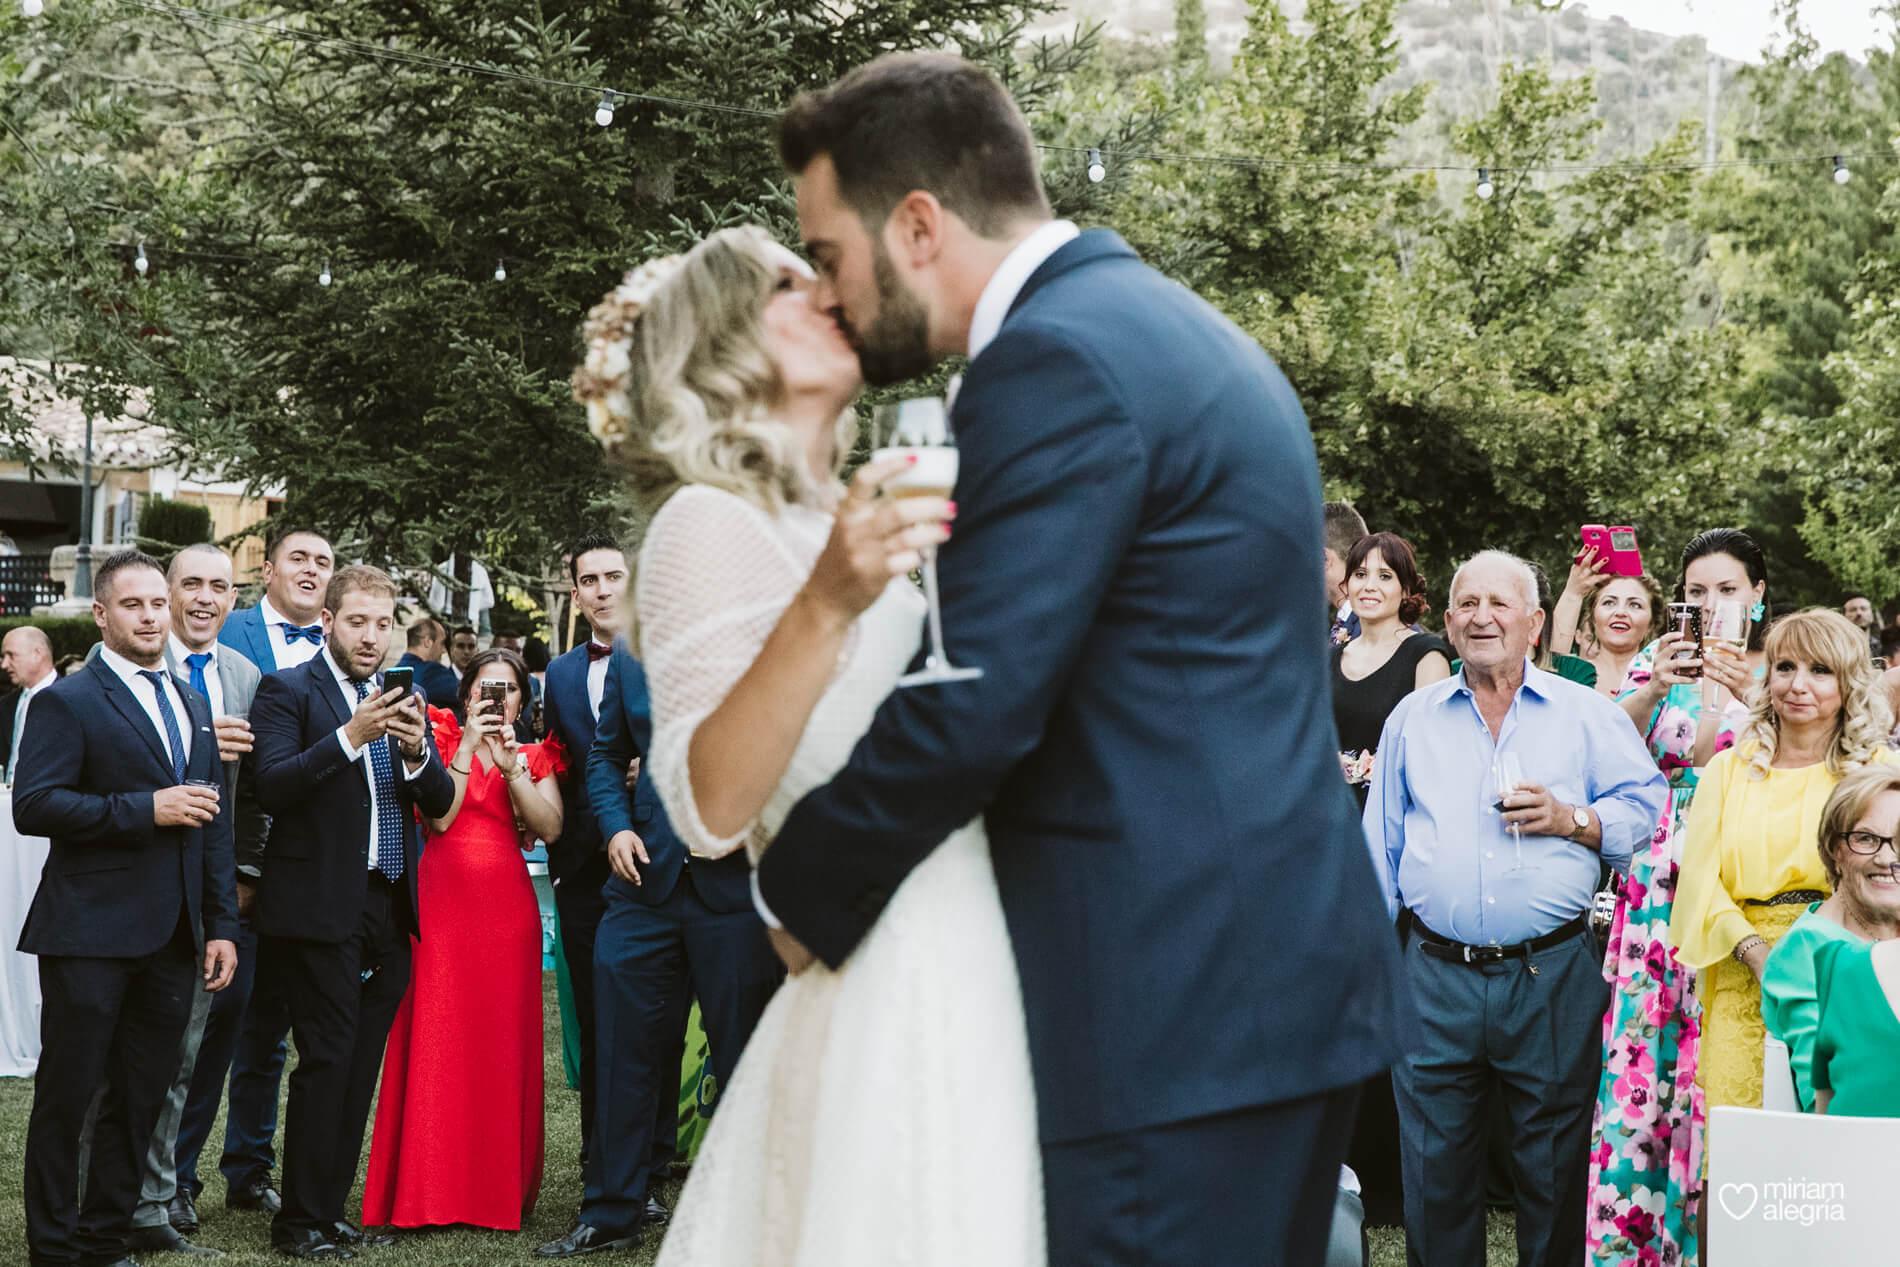 boda-en-collados-miriam-alegria-cayetana-ferrer-90